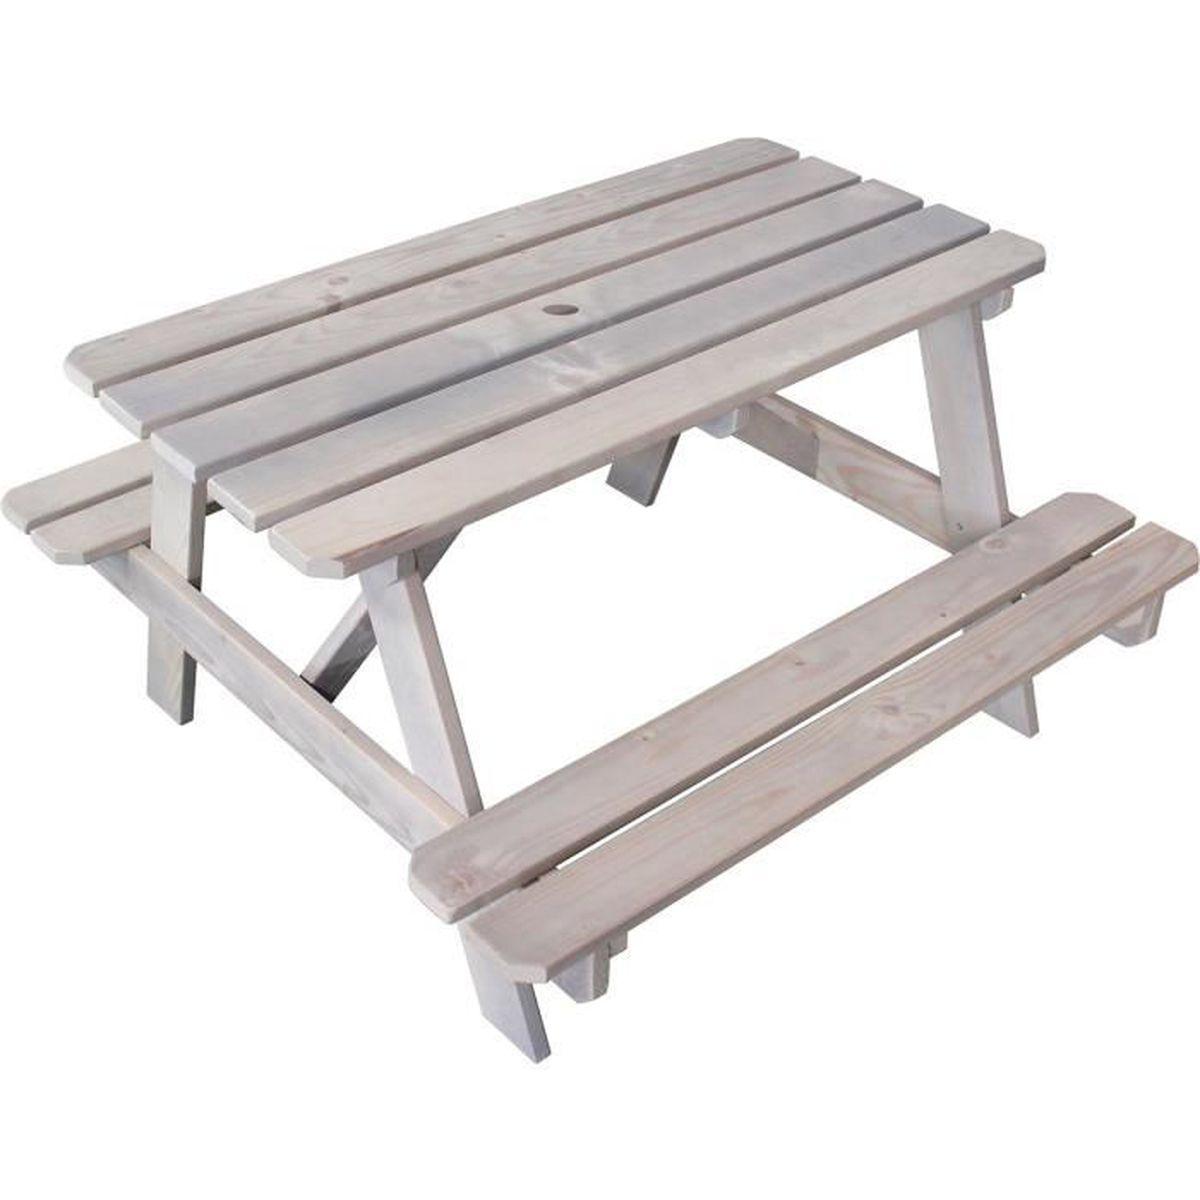 table de pique nique soulet table de jardin enfant pique nique en boi - Table Jardin Bois Enfant